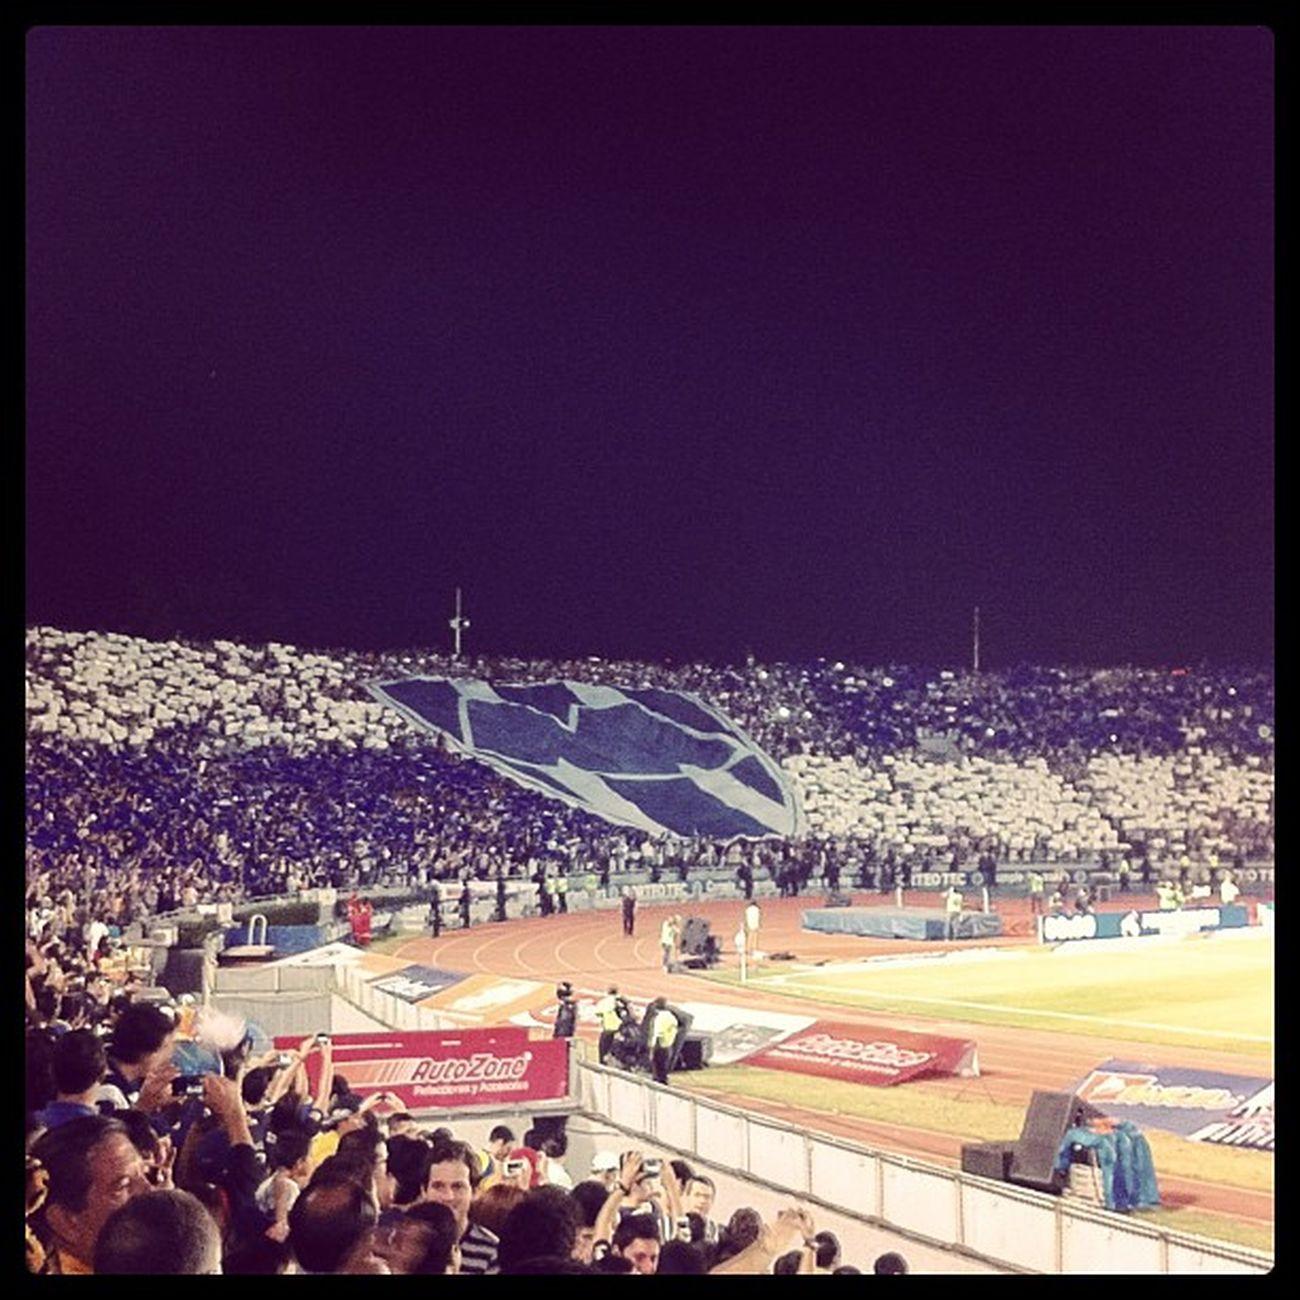 Mural Mosaico Bigflag Rayado rayas rayados de mty monterrey blue white ligamx recibiendo al mejor hinchas barra brava mexico adiccion futbol soccer ⚽?⚽